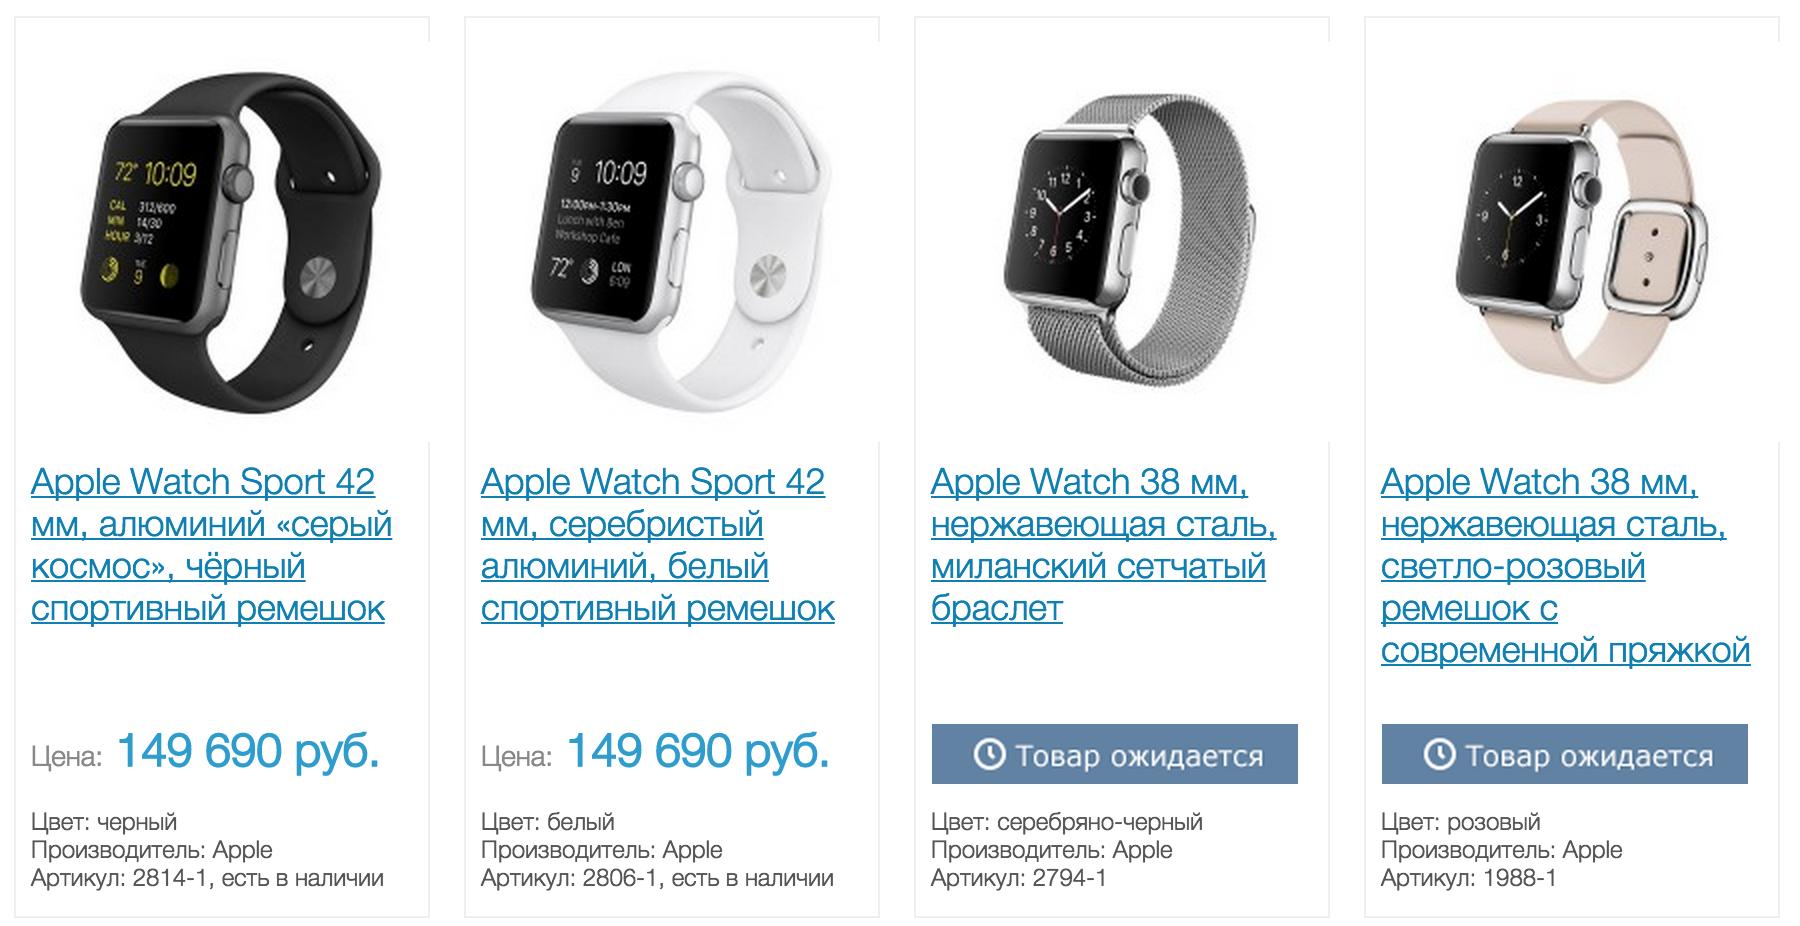 Кому часики? Сколько стоят Apple Watch в России сегодня